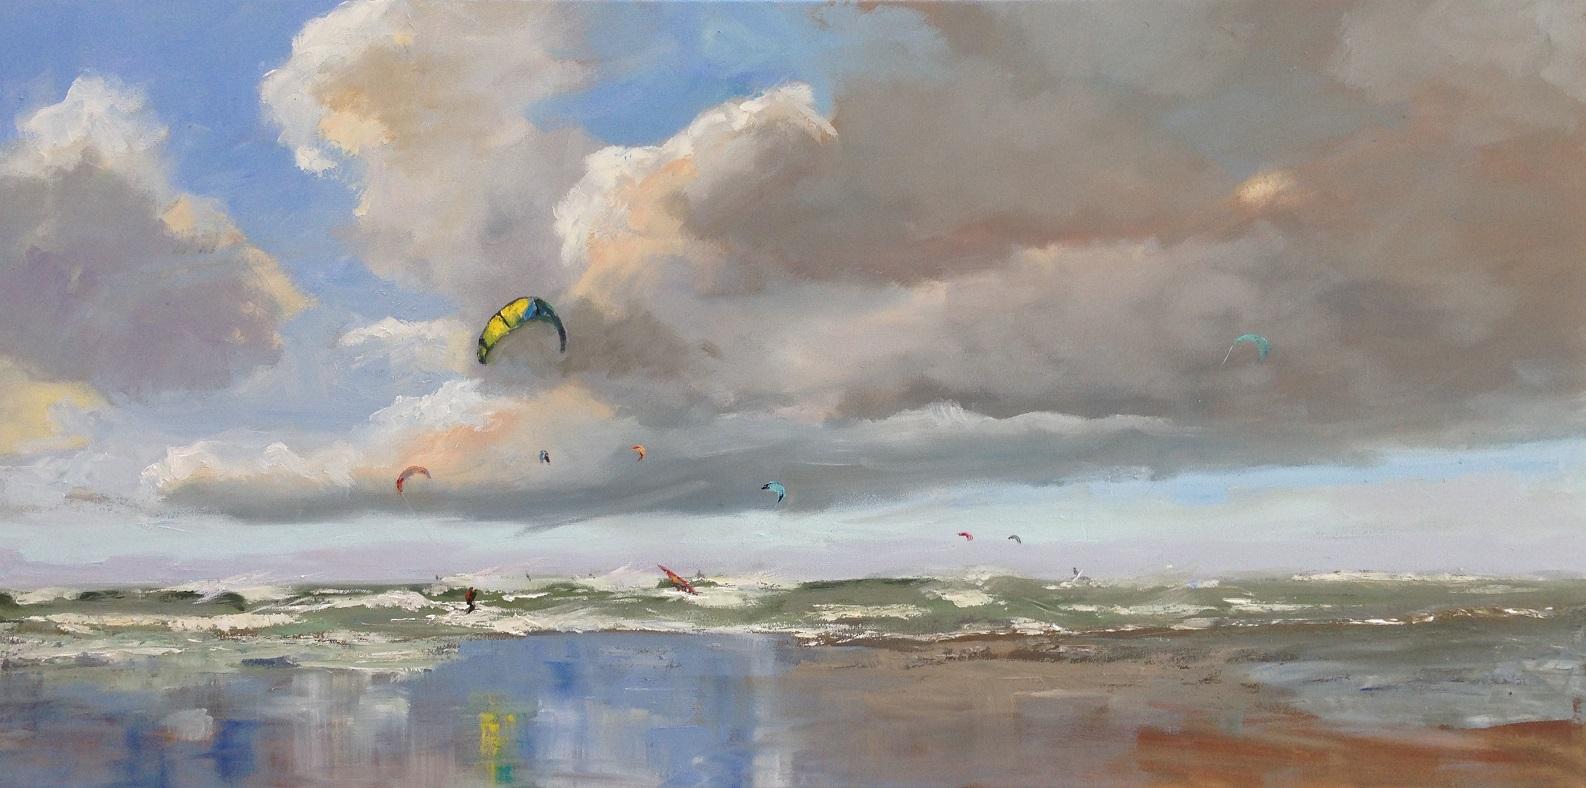 kiting Katwijk oilpaint-kiting Katwijk olieverf-seascape, zeegezicht strandgezicht-Lynden